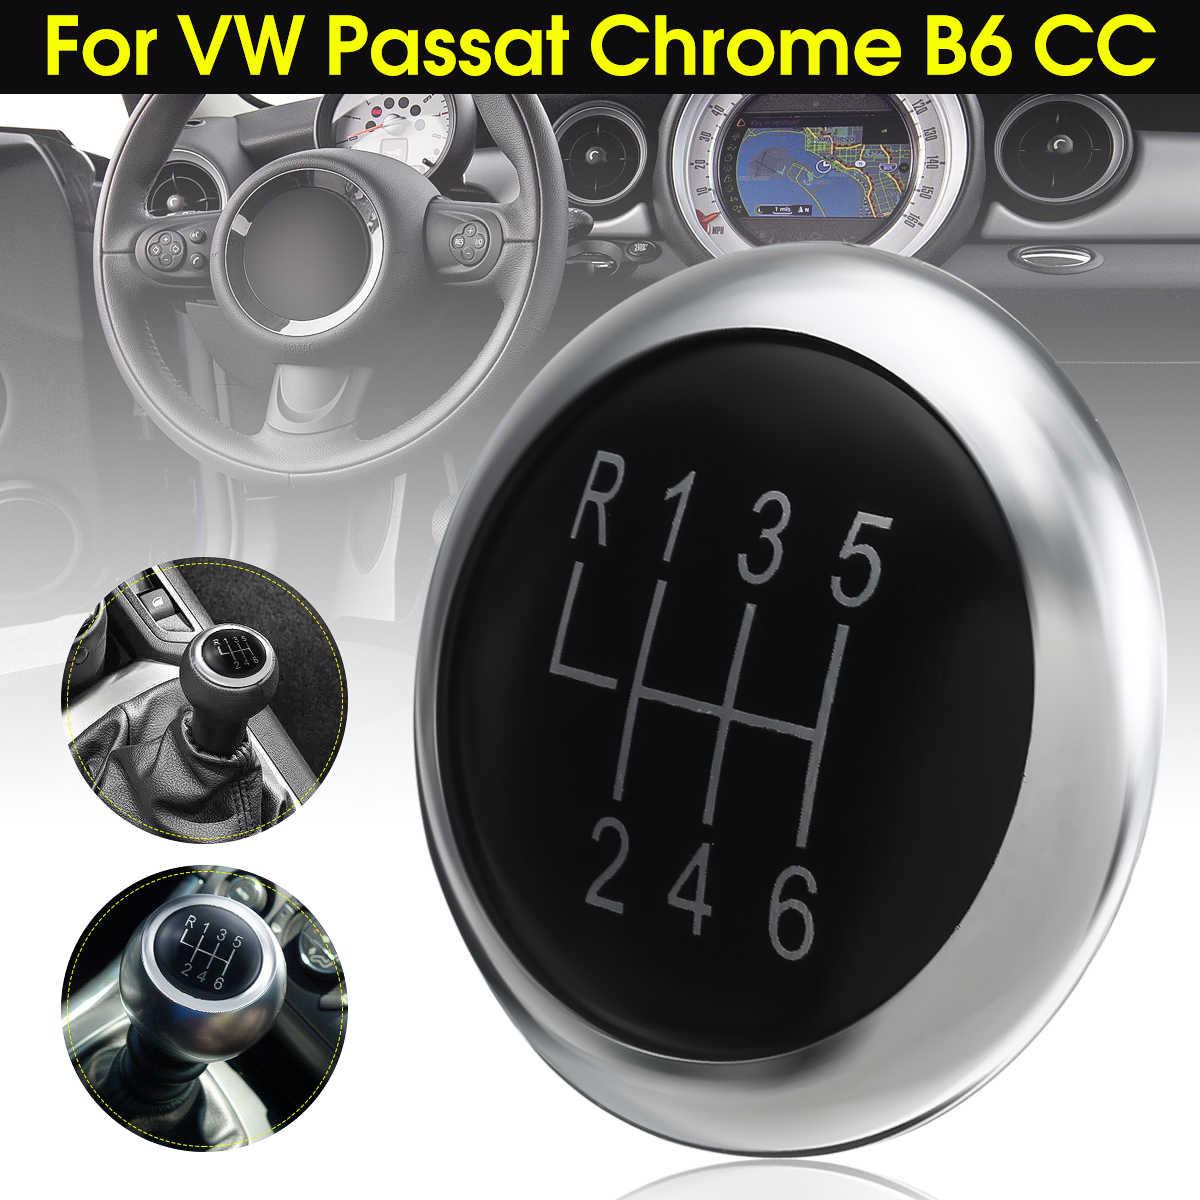 Nieuwe 6 Speed Pookknop Stok Badge Embleem Trim Cap Cover Voor VW Passat B6 2005-2011 B7 2010 -2014 CC 2009-2012